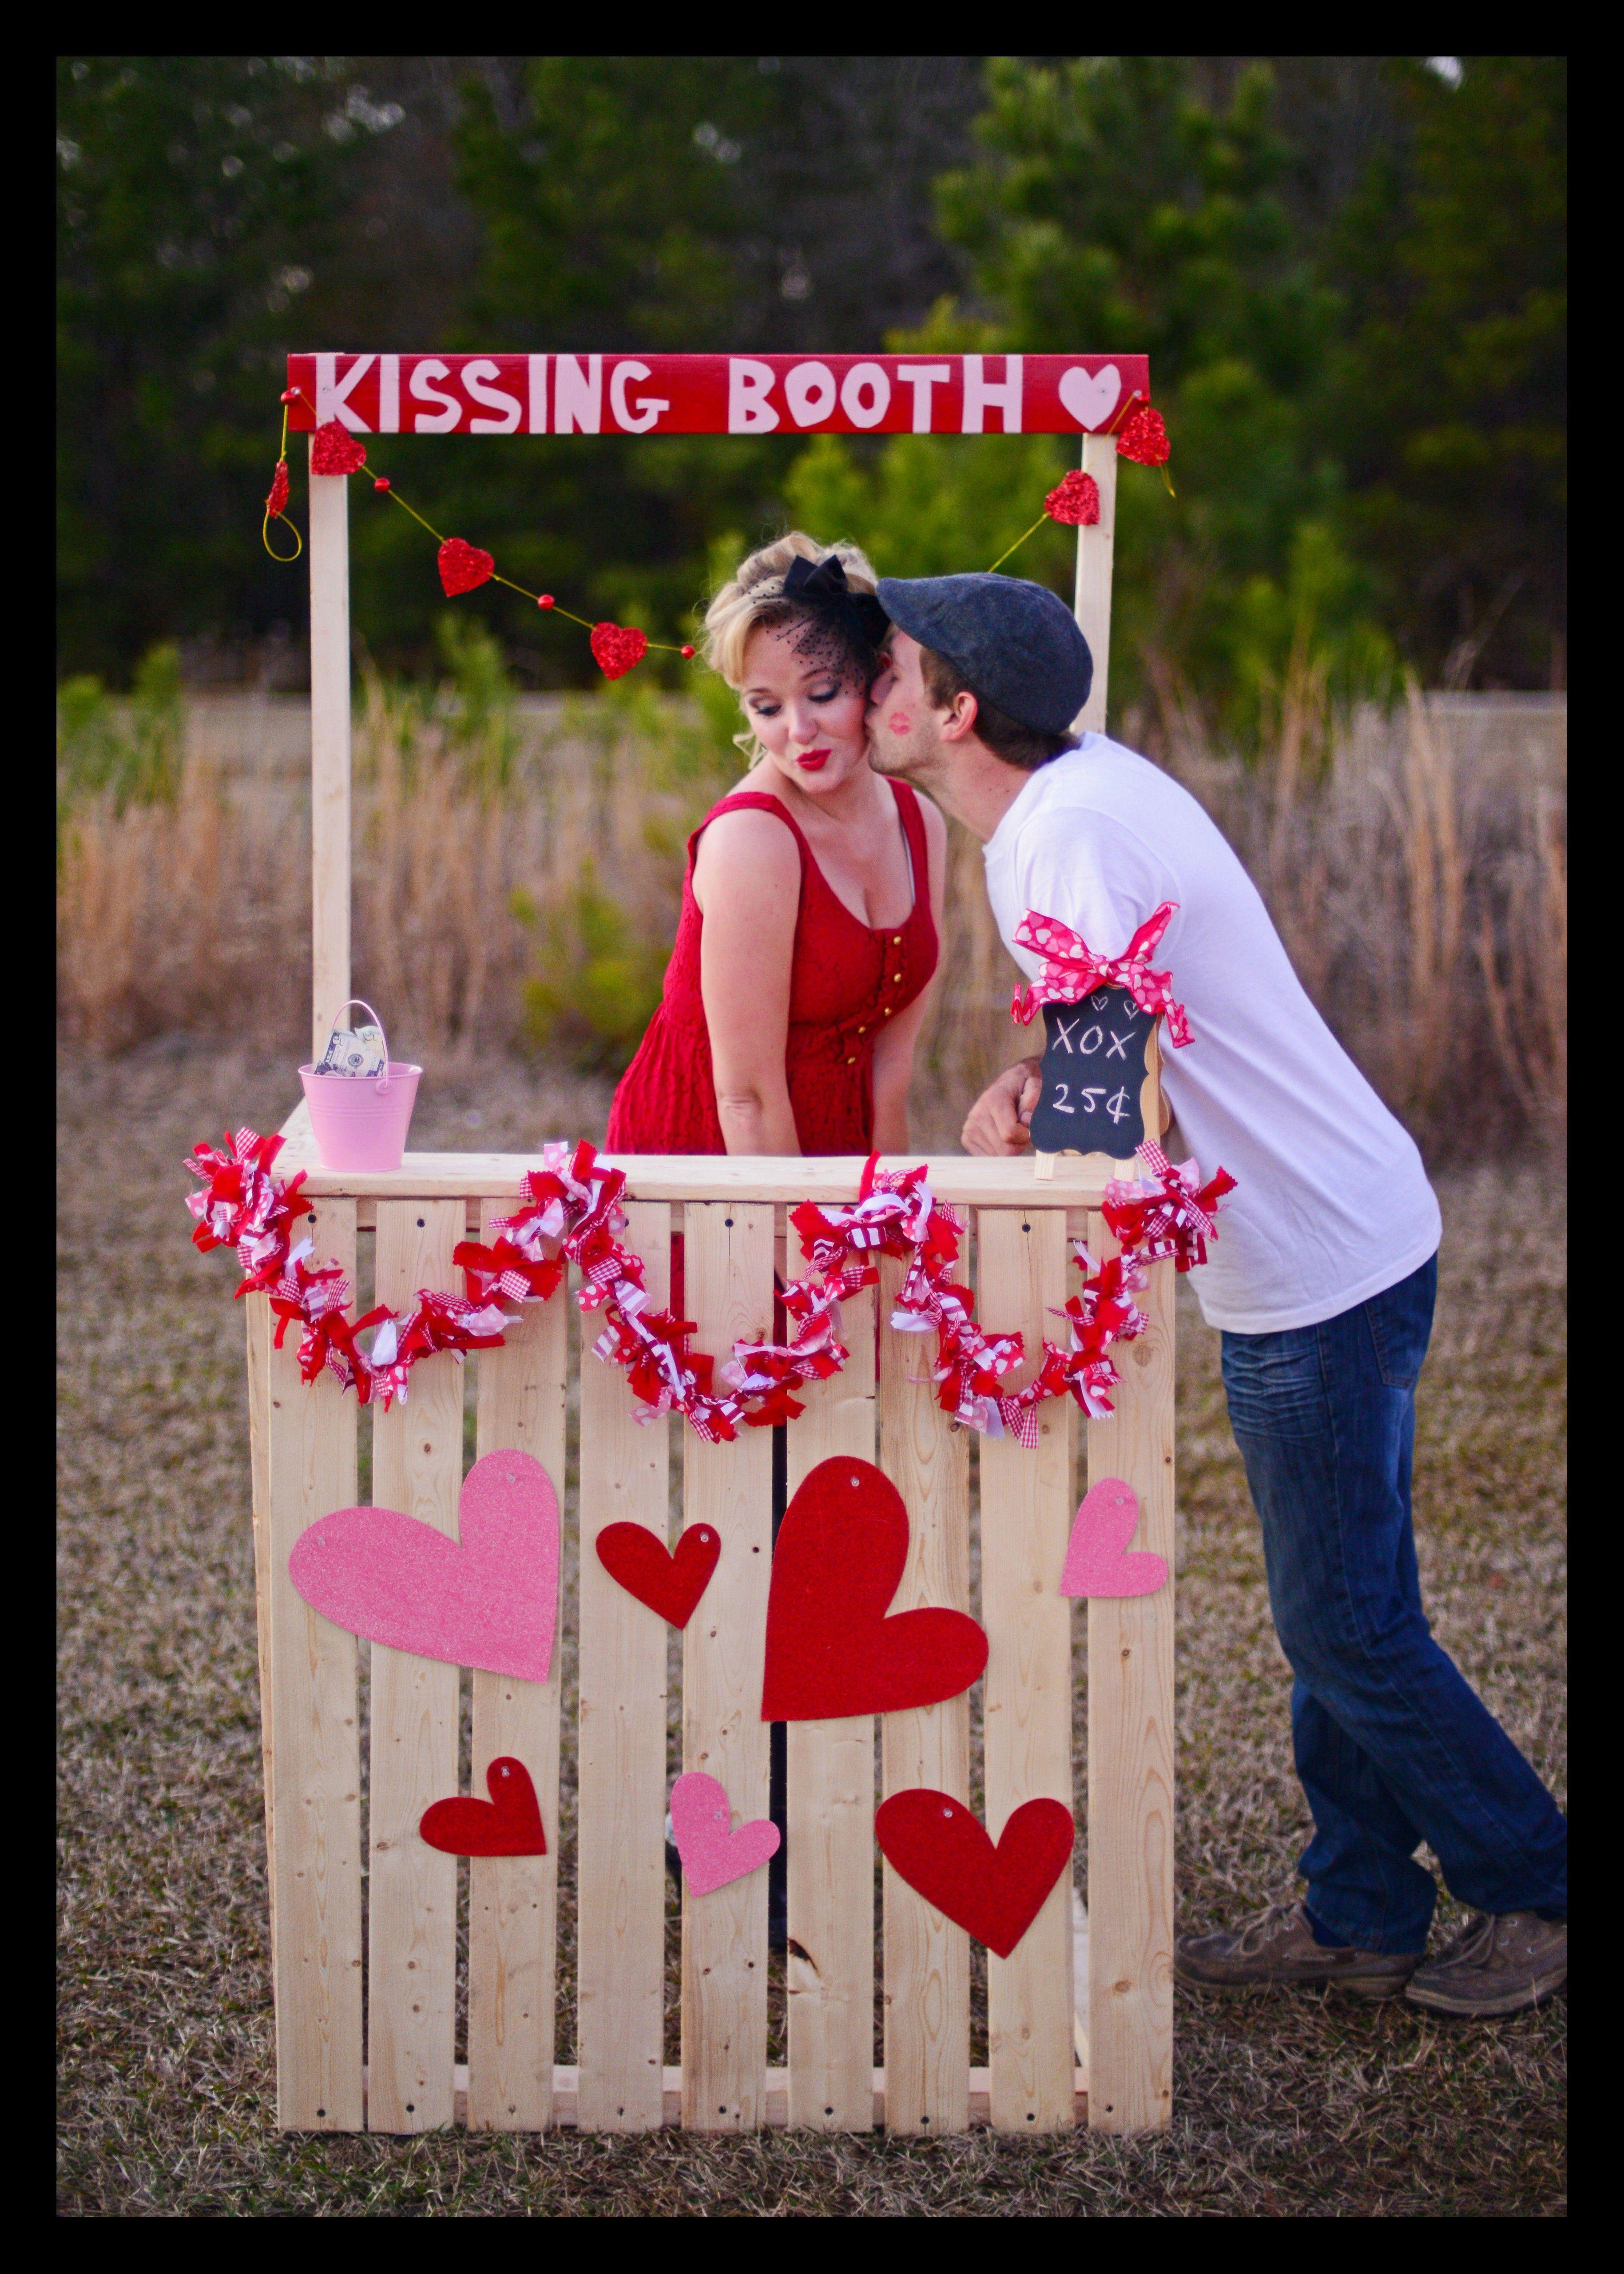 Para La Hora Loca Kissing Booth Asi Repartimos El Amor Y Sirve De